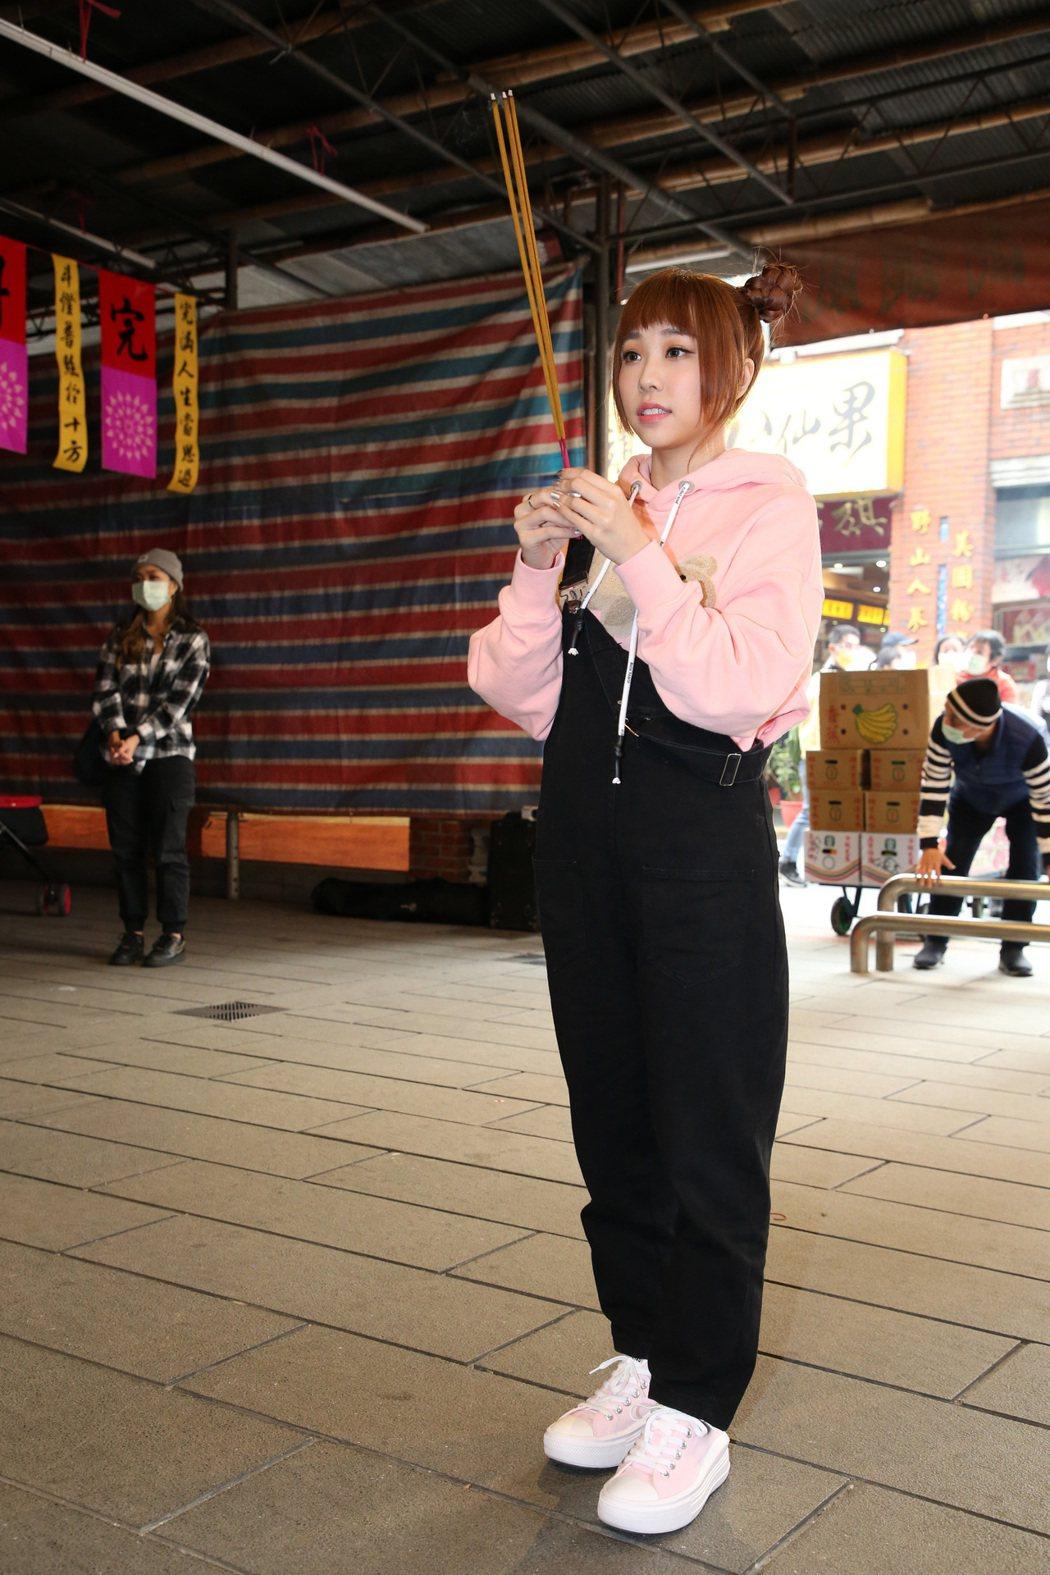 艾薇在台北霞海城隍廟虔誠拜拜。記者胡經周/攝影